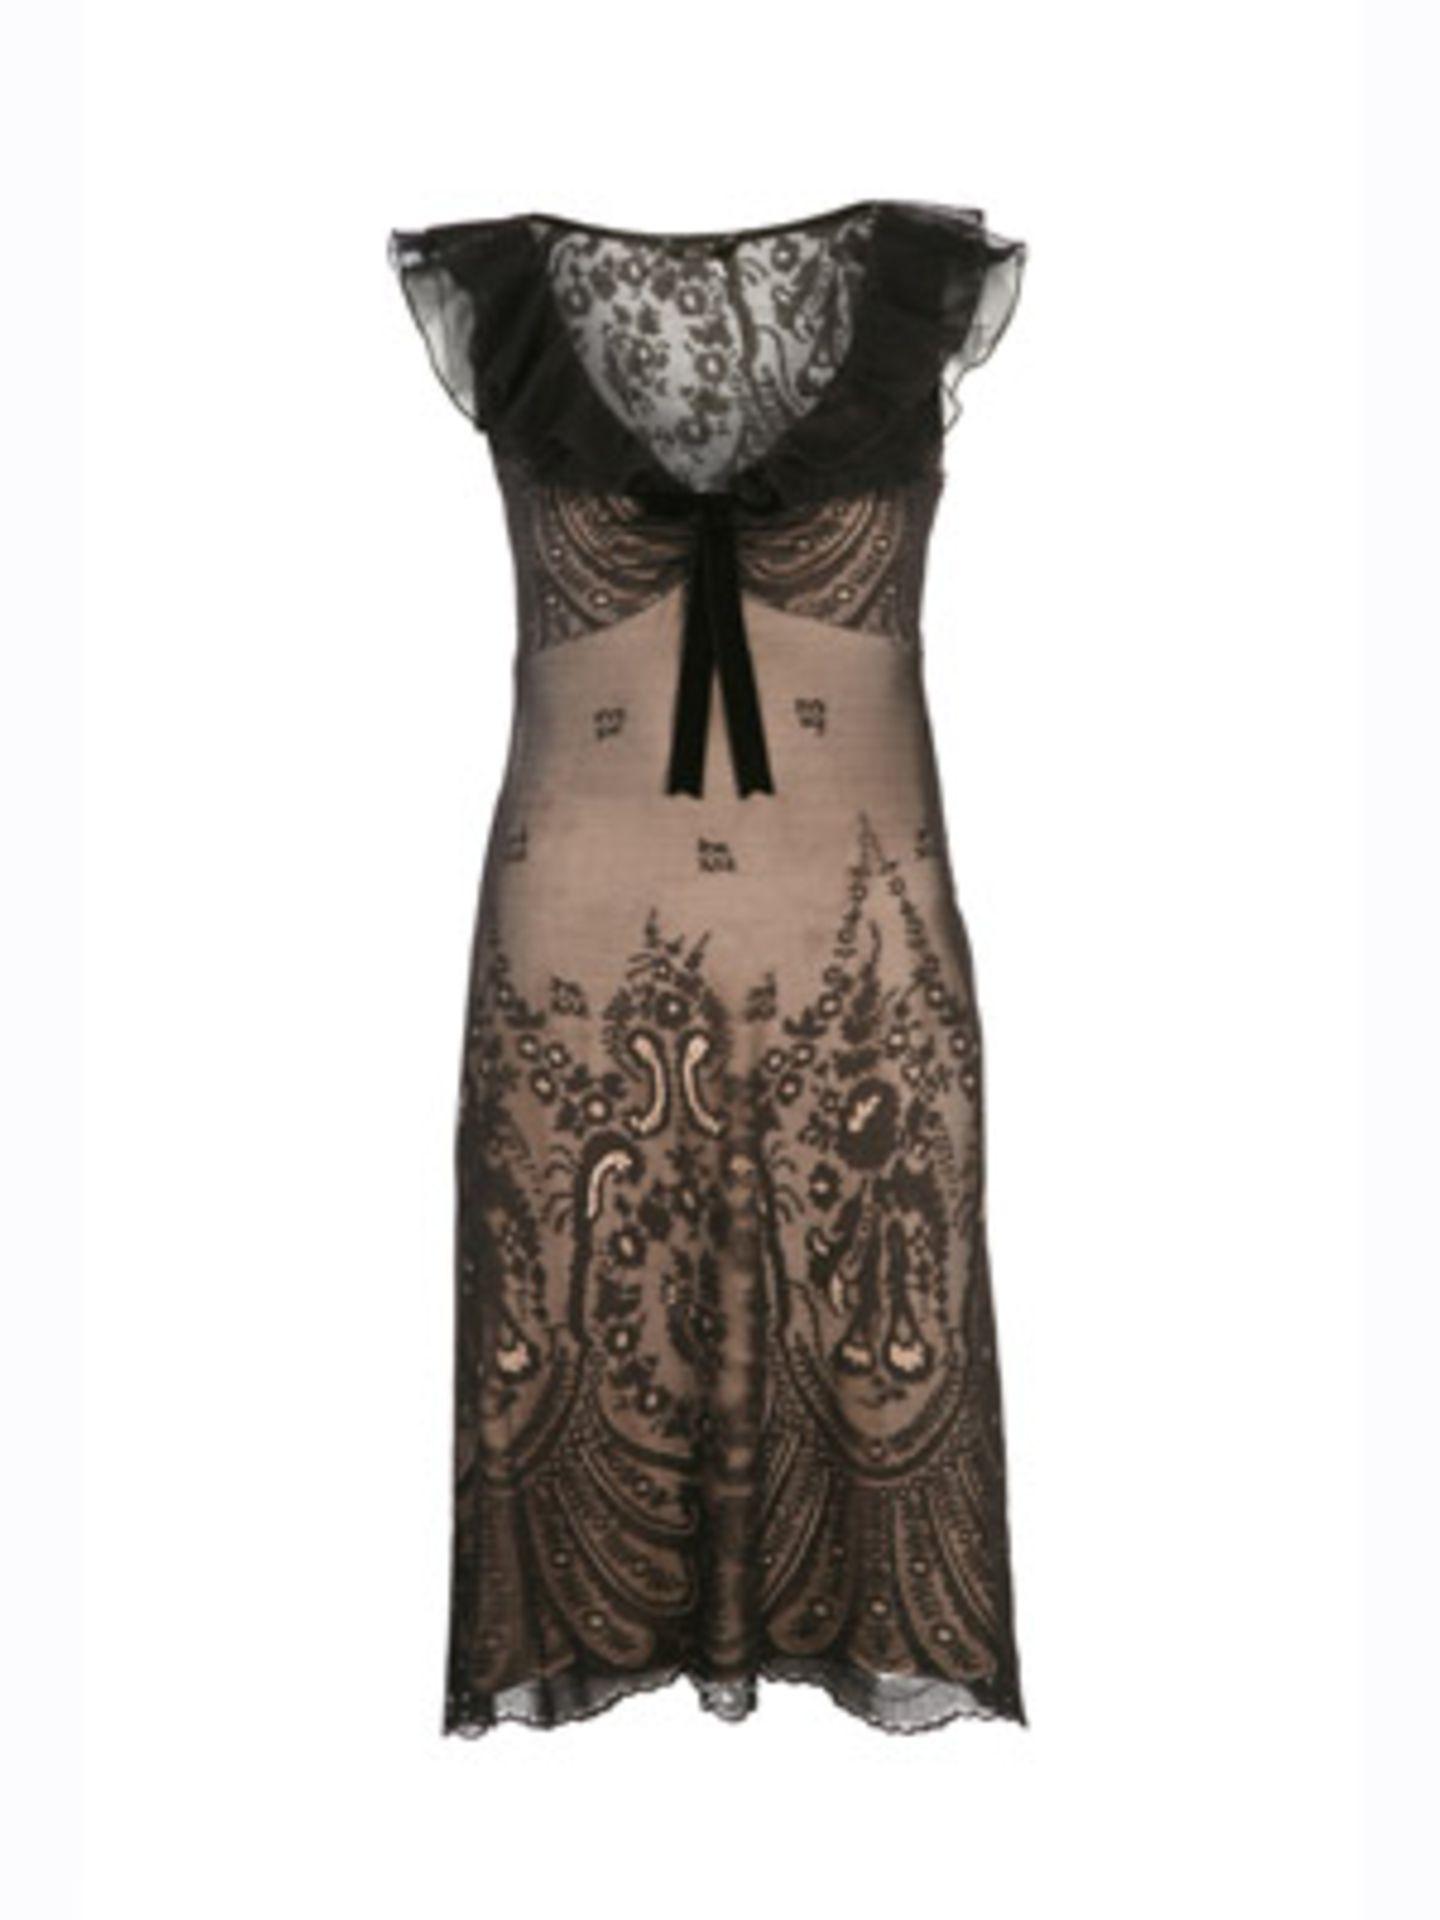 Raffiniertes Kleid in Empire-Linie mit filigranem Arm- und Halsausschnitt von Mango, um 60 Euro. Über www.mangoshop.com.